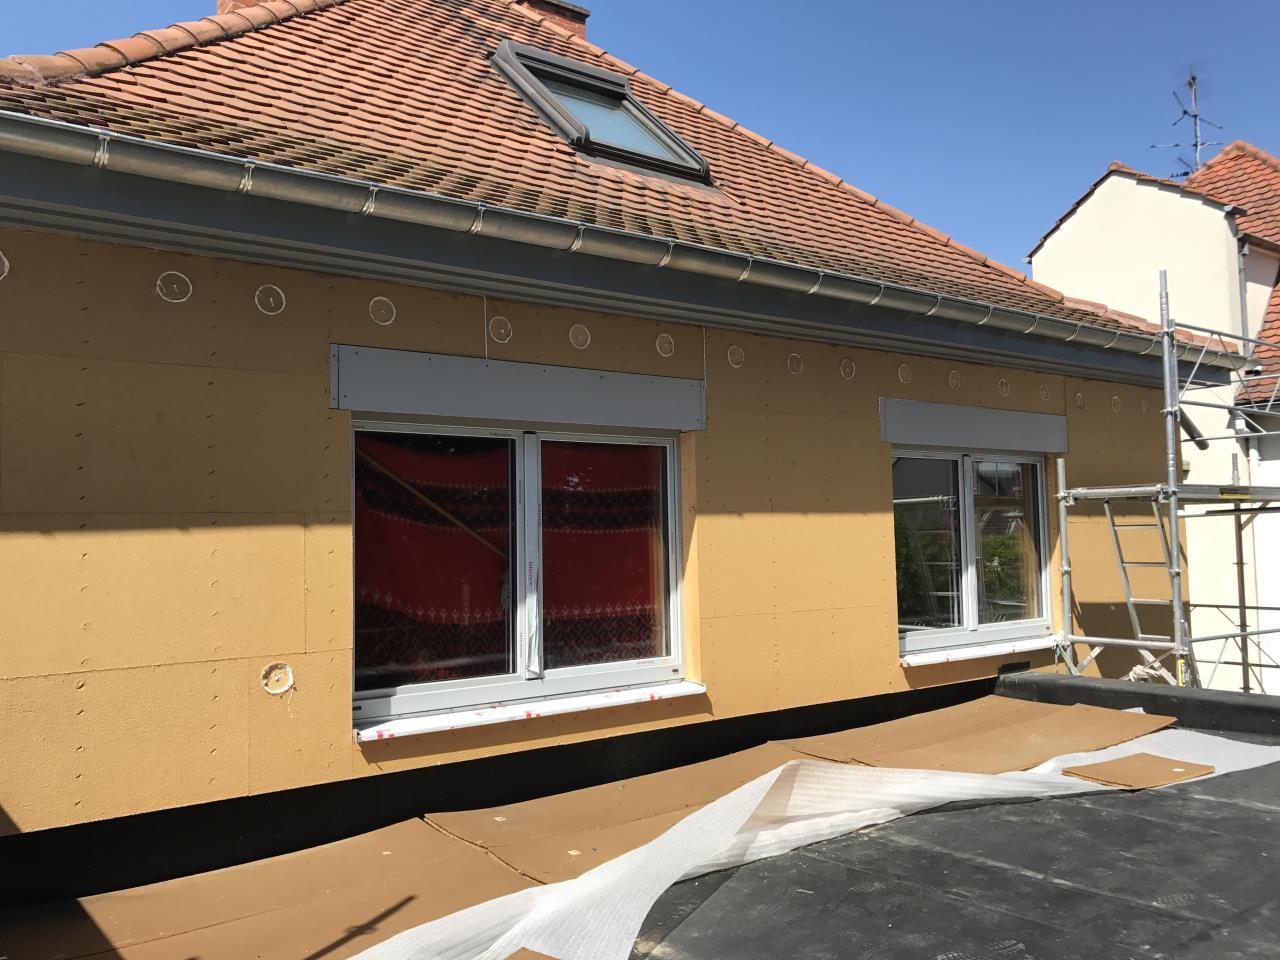 Fenêtre de toit Roto 114 x 140cm en place - Strasbourg Neudorf